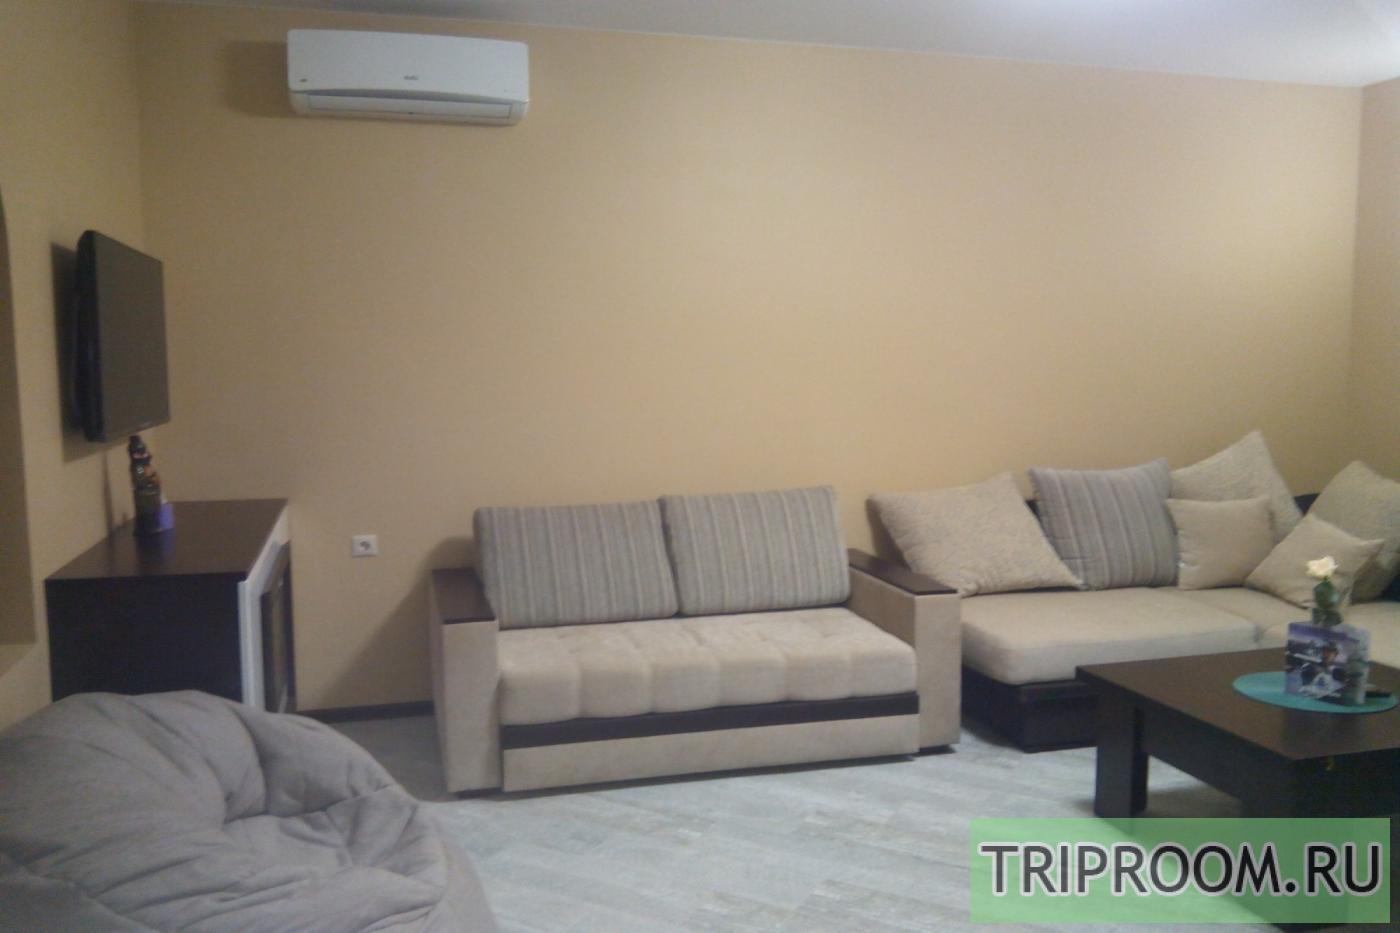 1-комнатная квартира посуточно (вариант № 28275), ул. Тростниковая улица, фото № 6